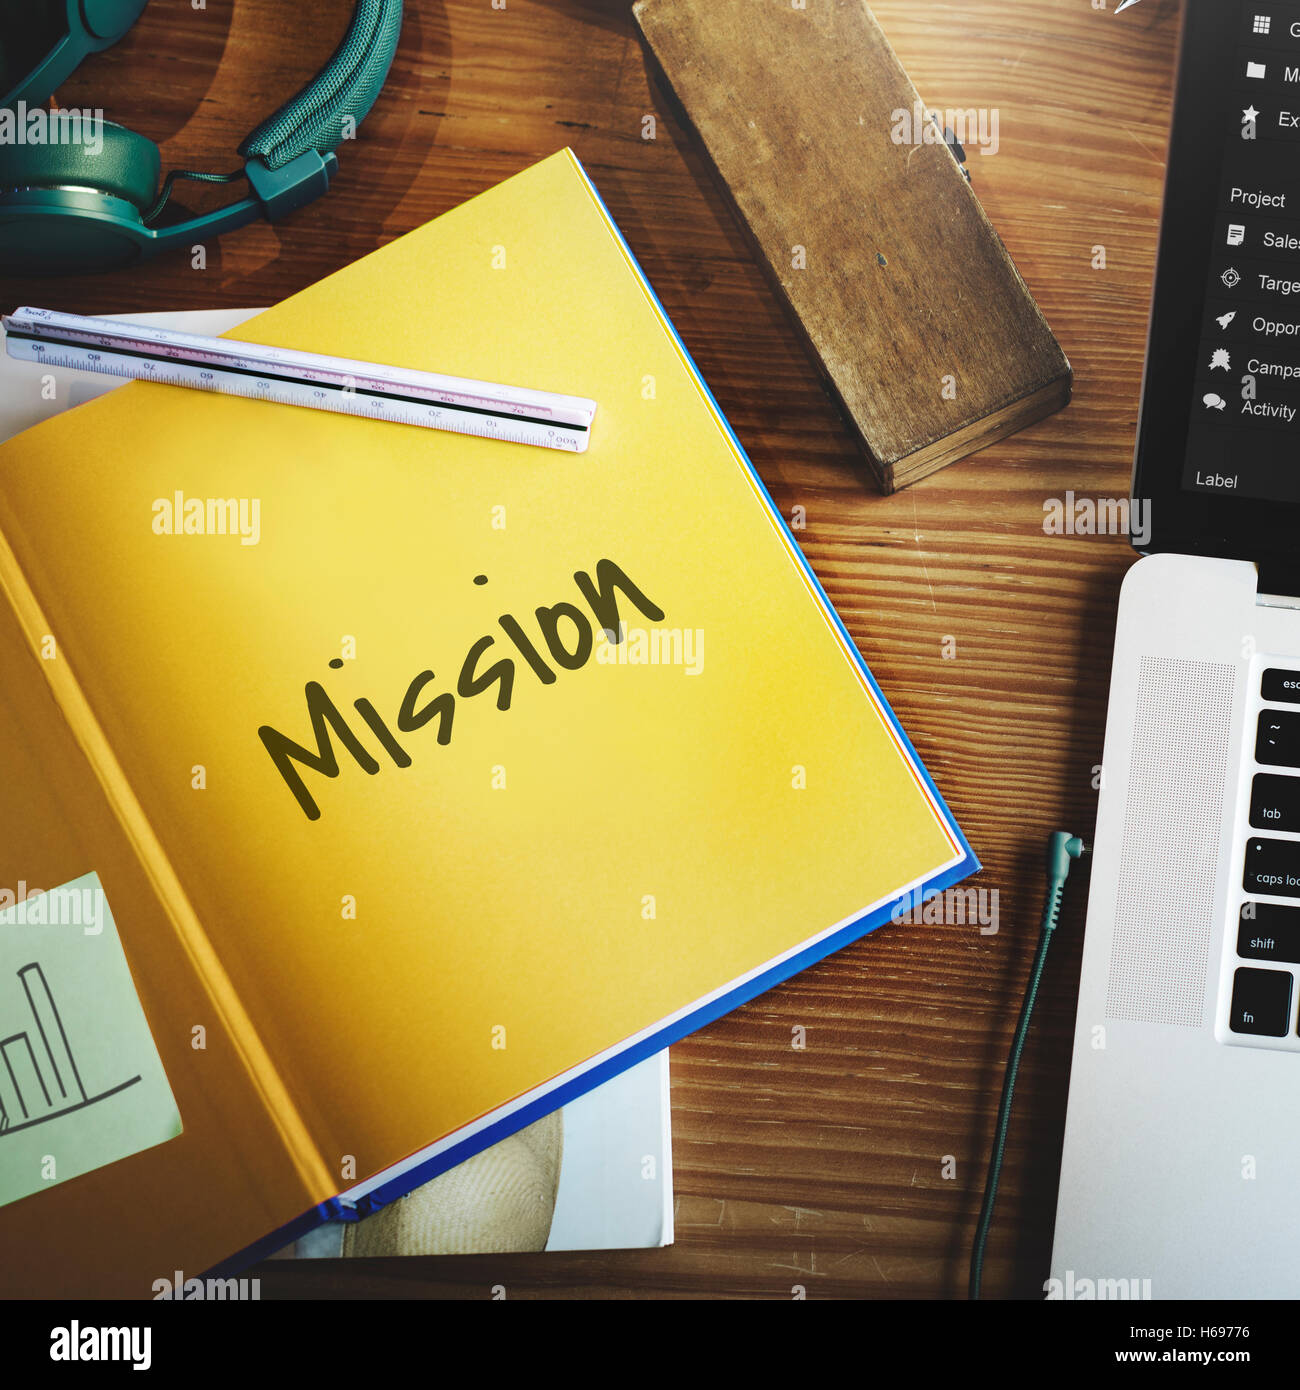 Unsere Mission Ideen-Leadership-Konzept Stockbild